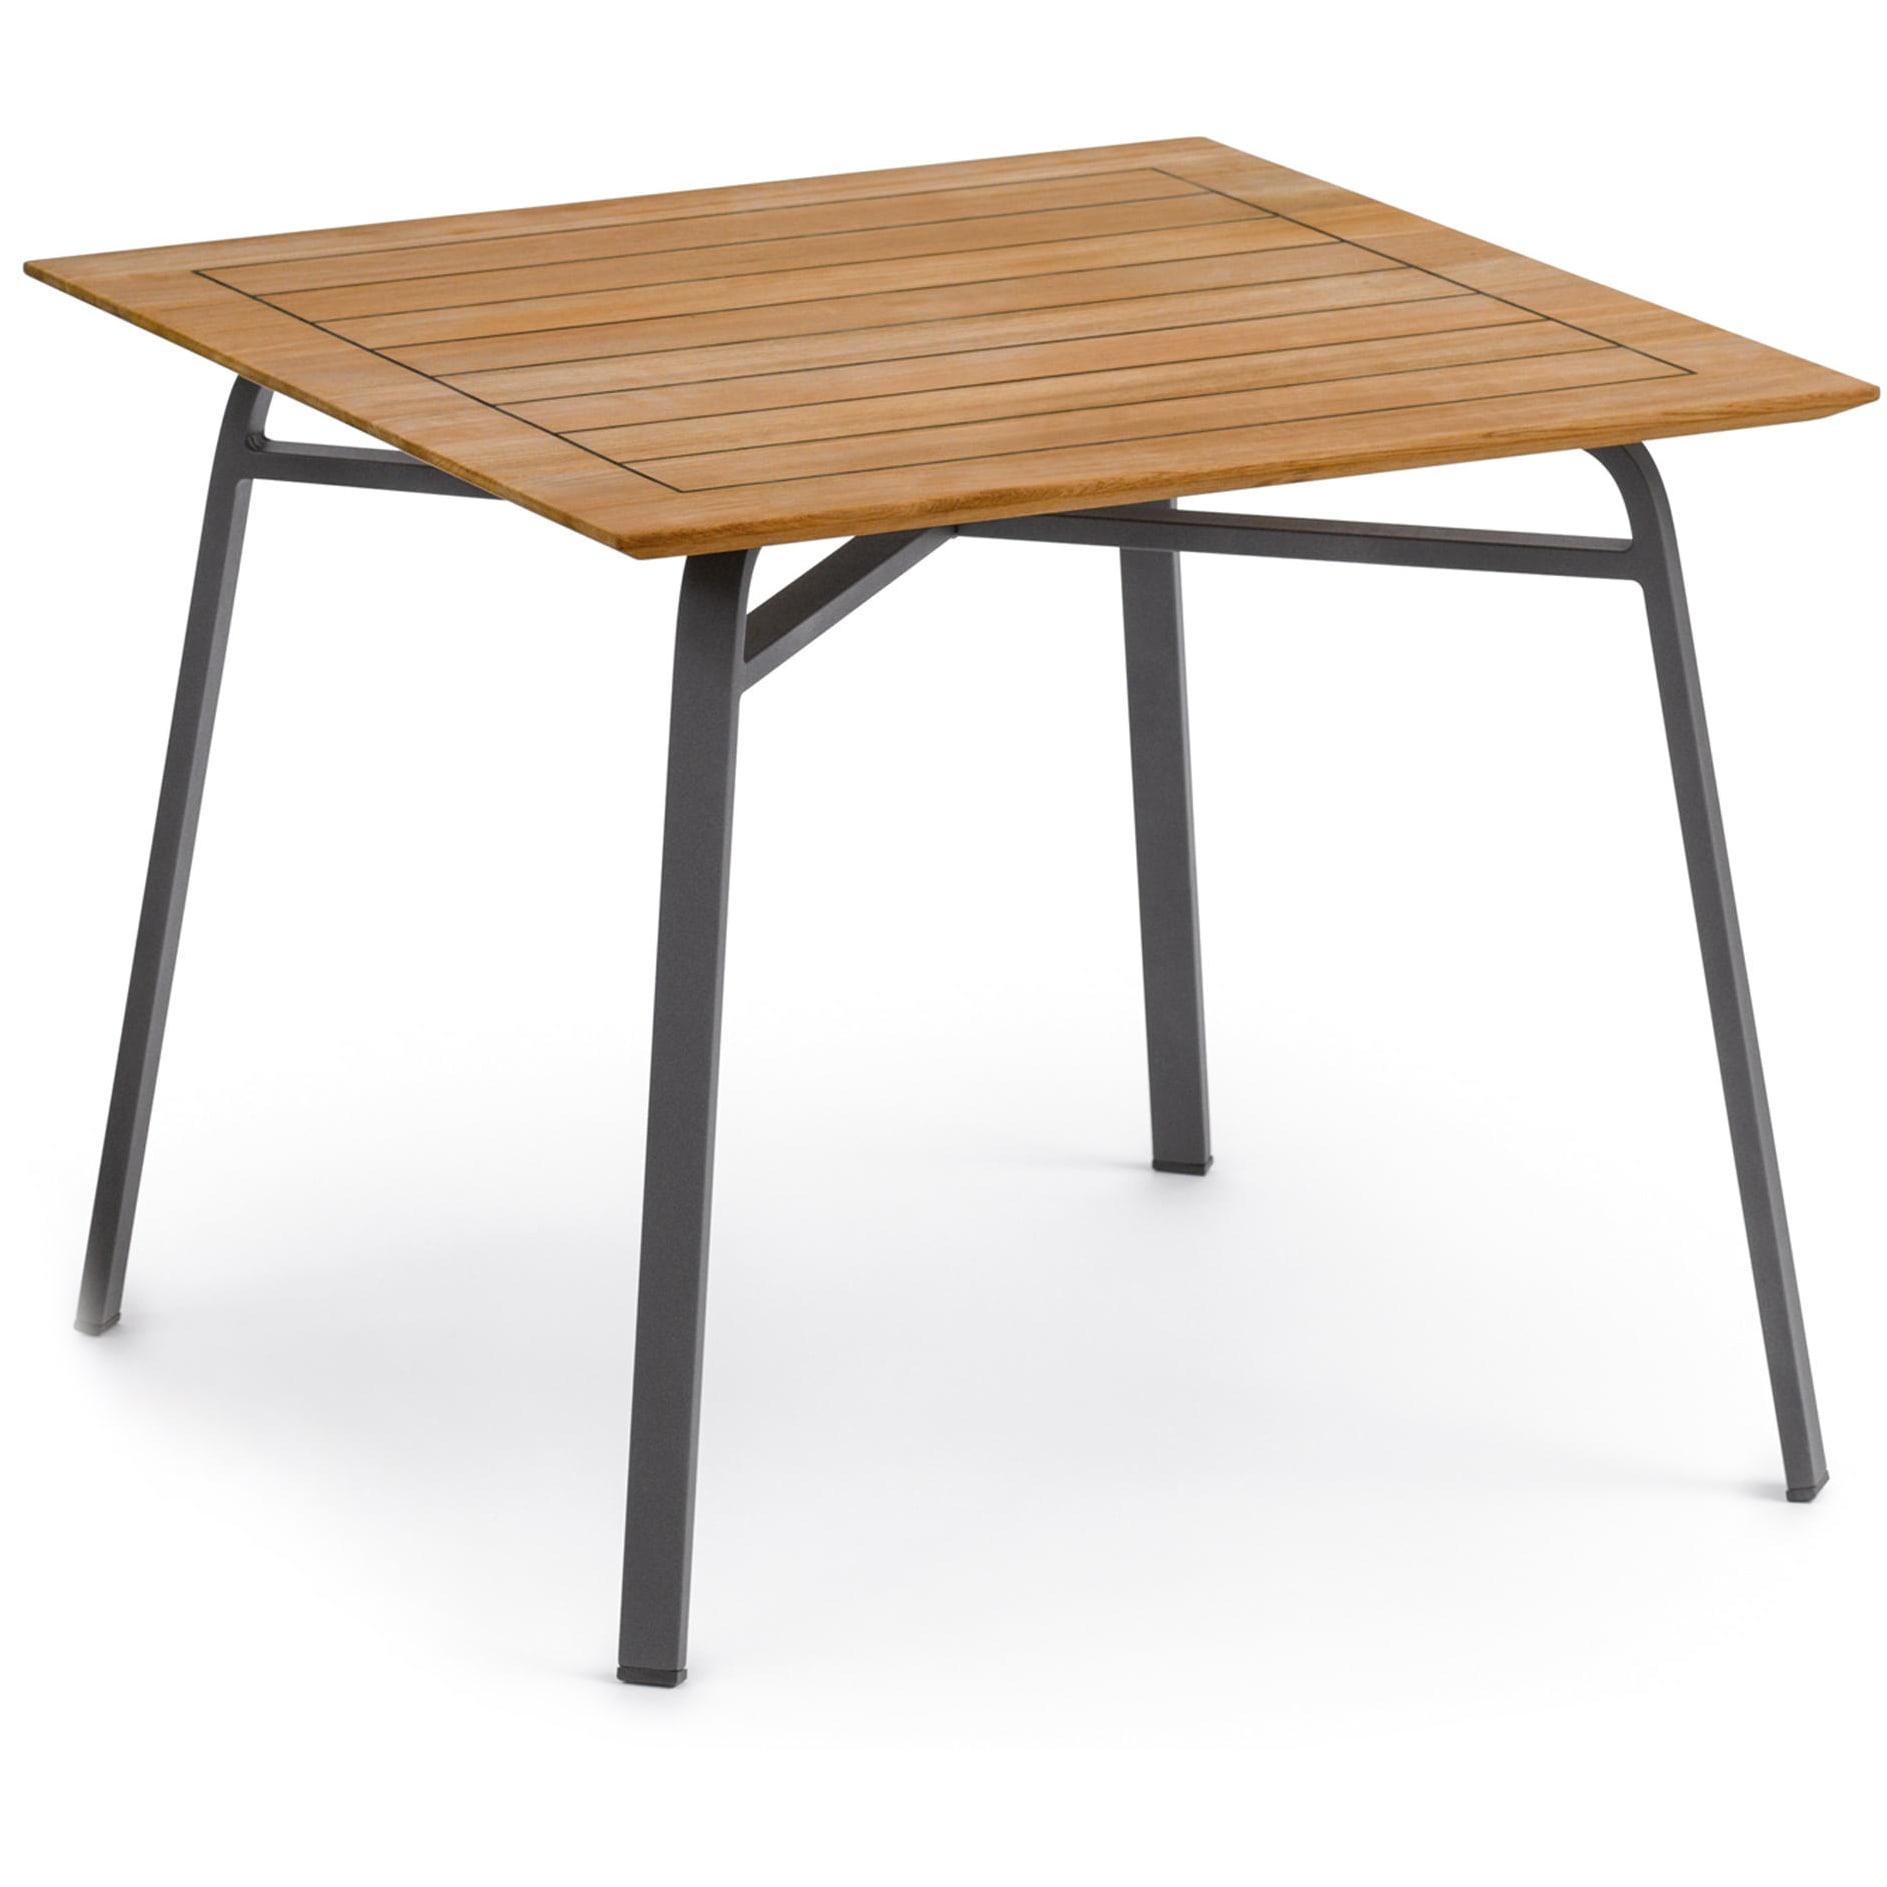 Ahoi Tisch 90x90cm mit Teak-Platte von Weishäupl